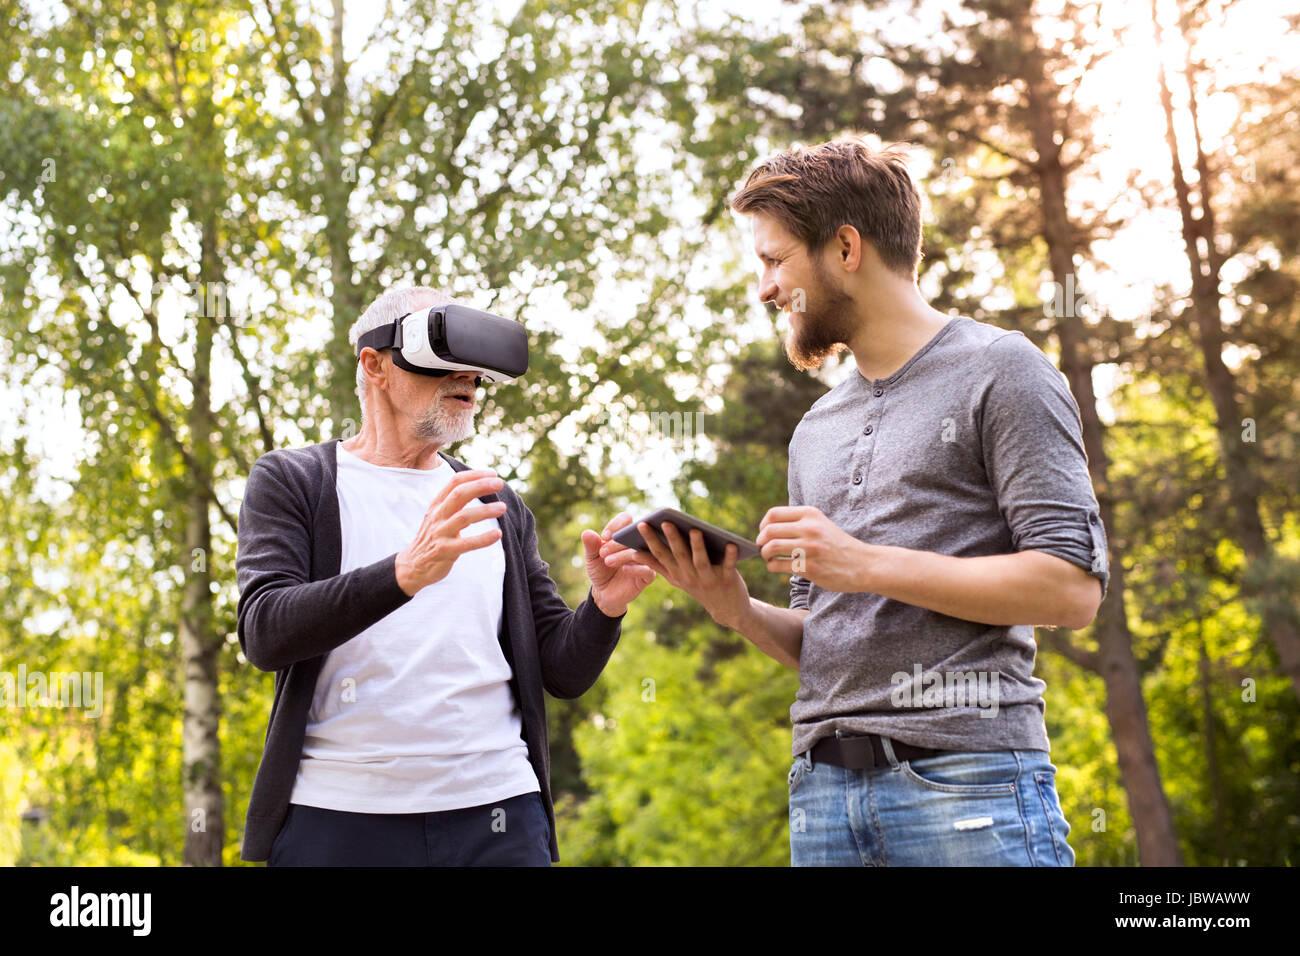 Junger Mann und Vater senior mit VR-Brille im Freien. Stockfoto